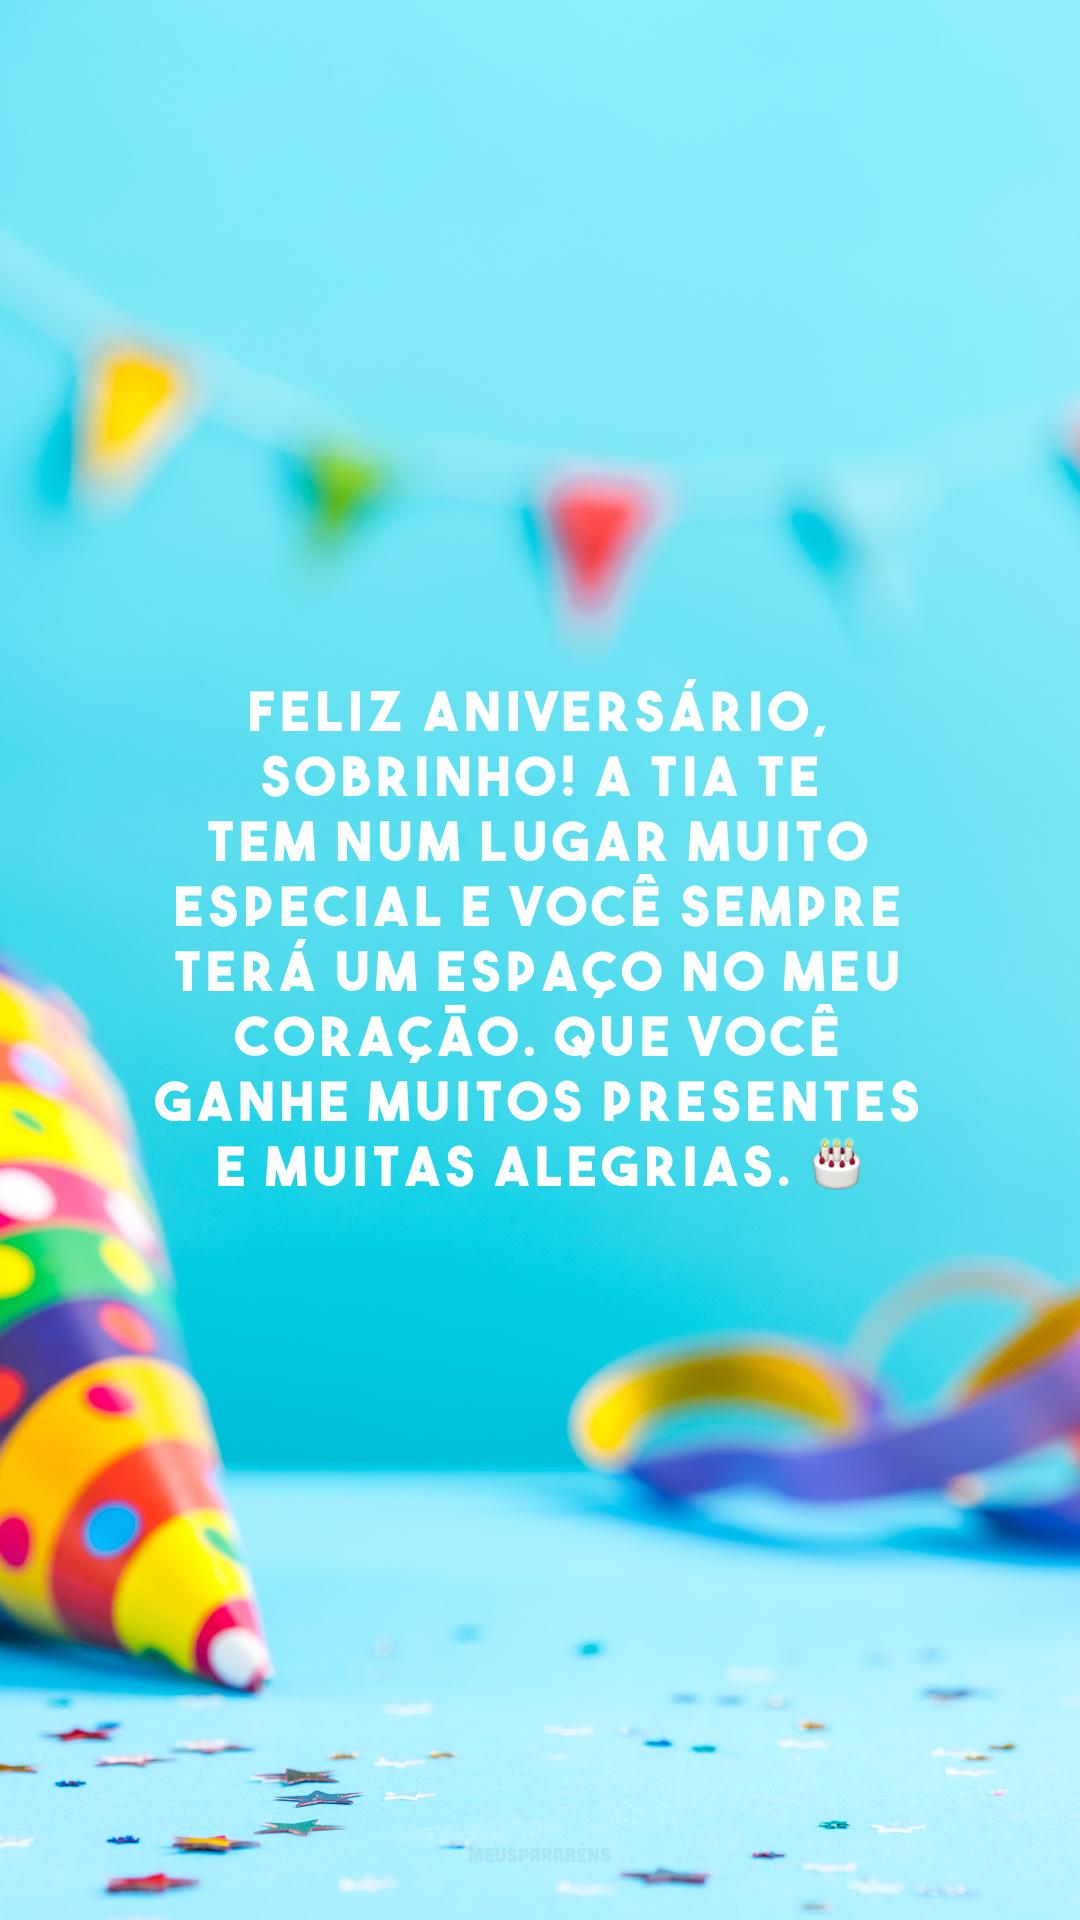 Feliz aniversário, sobrinho! A tia te tem num lugar muito especial e você sempre terá um espaço no meu coração. Que você ganhe muitos presentes e muitas alegrias. 🎂